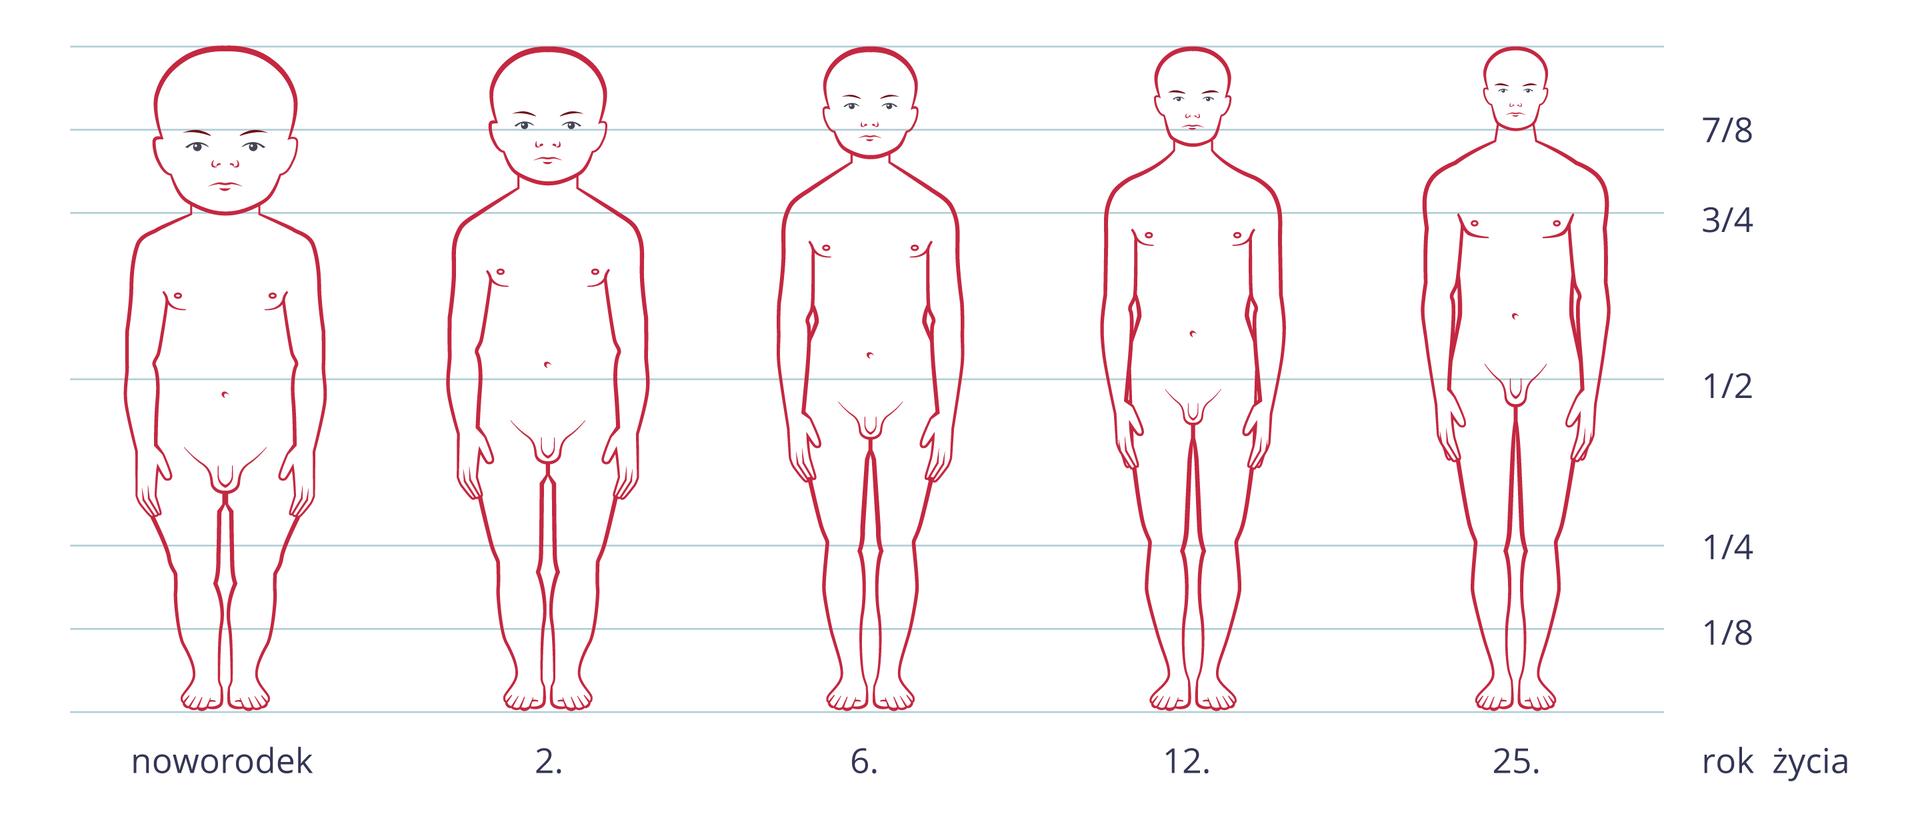 Ilustracja przedstawia zarysy zmieniającej się sylwetki człowieka od narodzin do dorosłości. Na osi Xpodpisane lata. Linie poziome wskazują proporcje ciała, wyrażone ułamkami. Wmiarę dorastania zmieniają się proporcje wielkości głowy wstosunku do długości ciała.